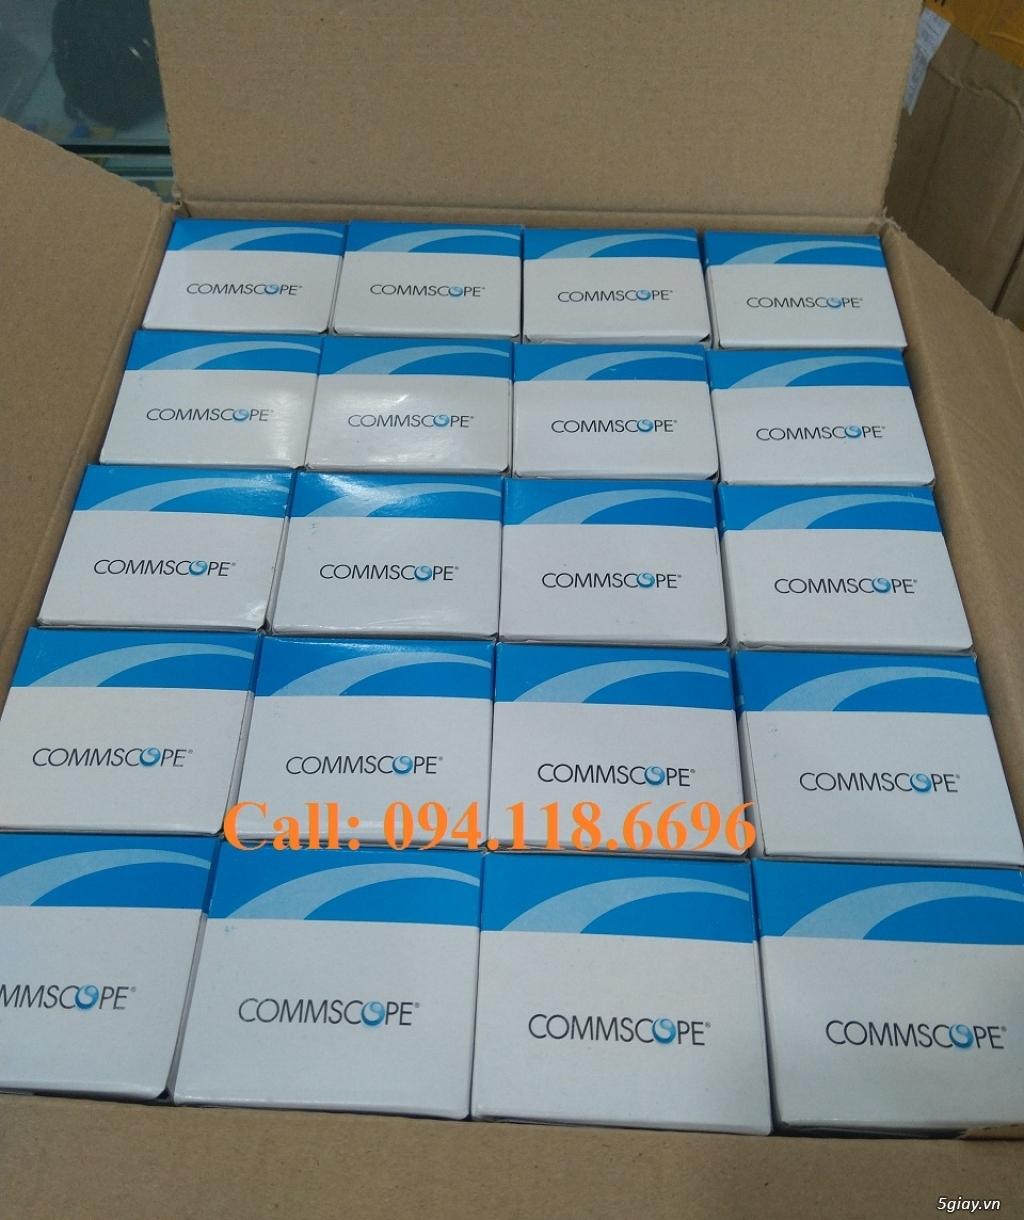 Đầu bấm hạt mạng RJ45 Cat6 Commscope mã 5-554720-3 có sẵn hàng - 7